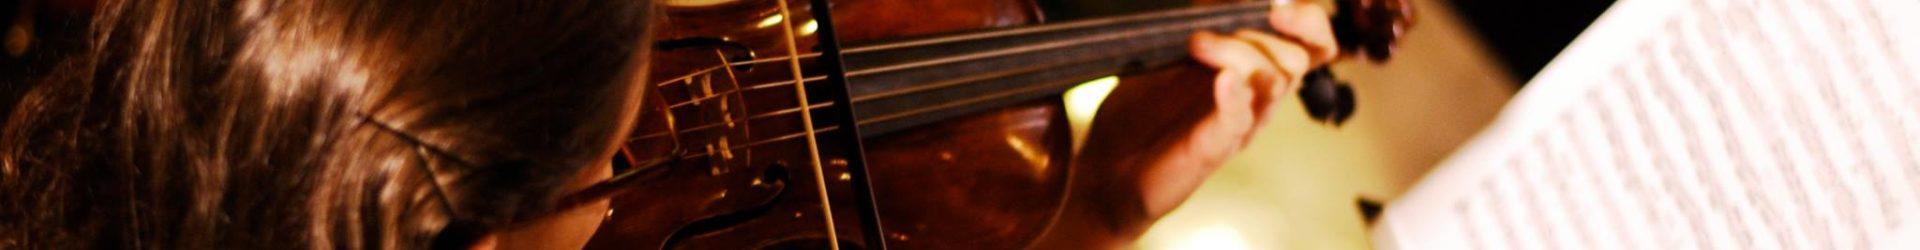 Muzyczne czwartki – Cornu Copiae w Dworku Białoprądnickim